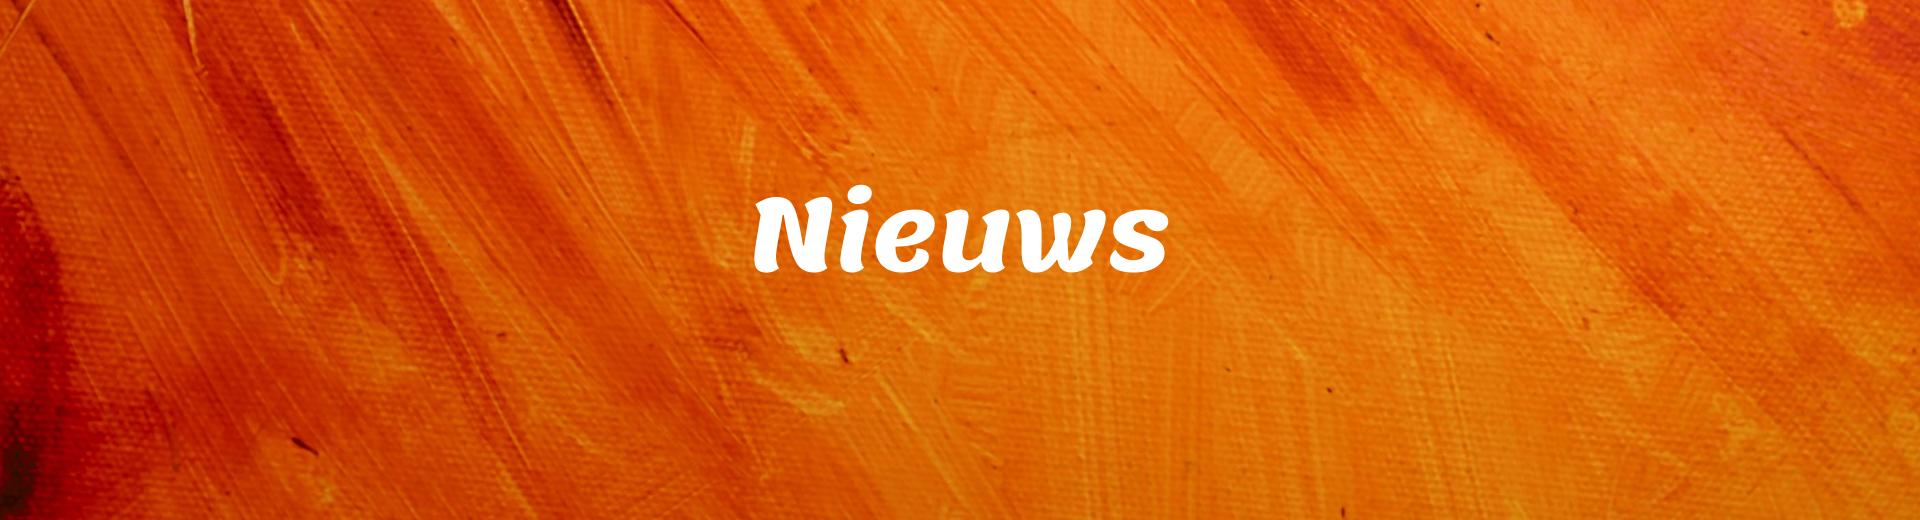 Header Nieuws Bericht